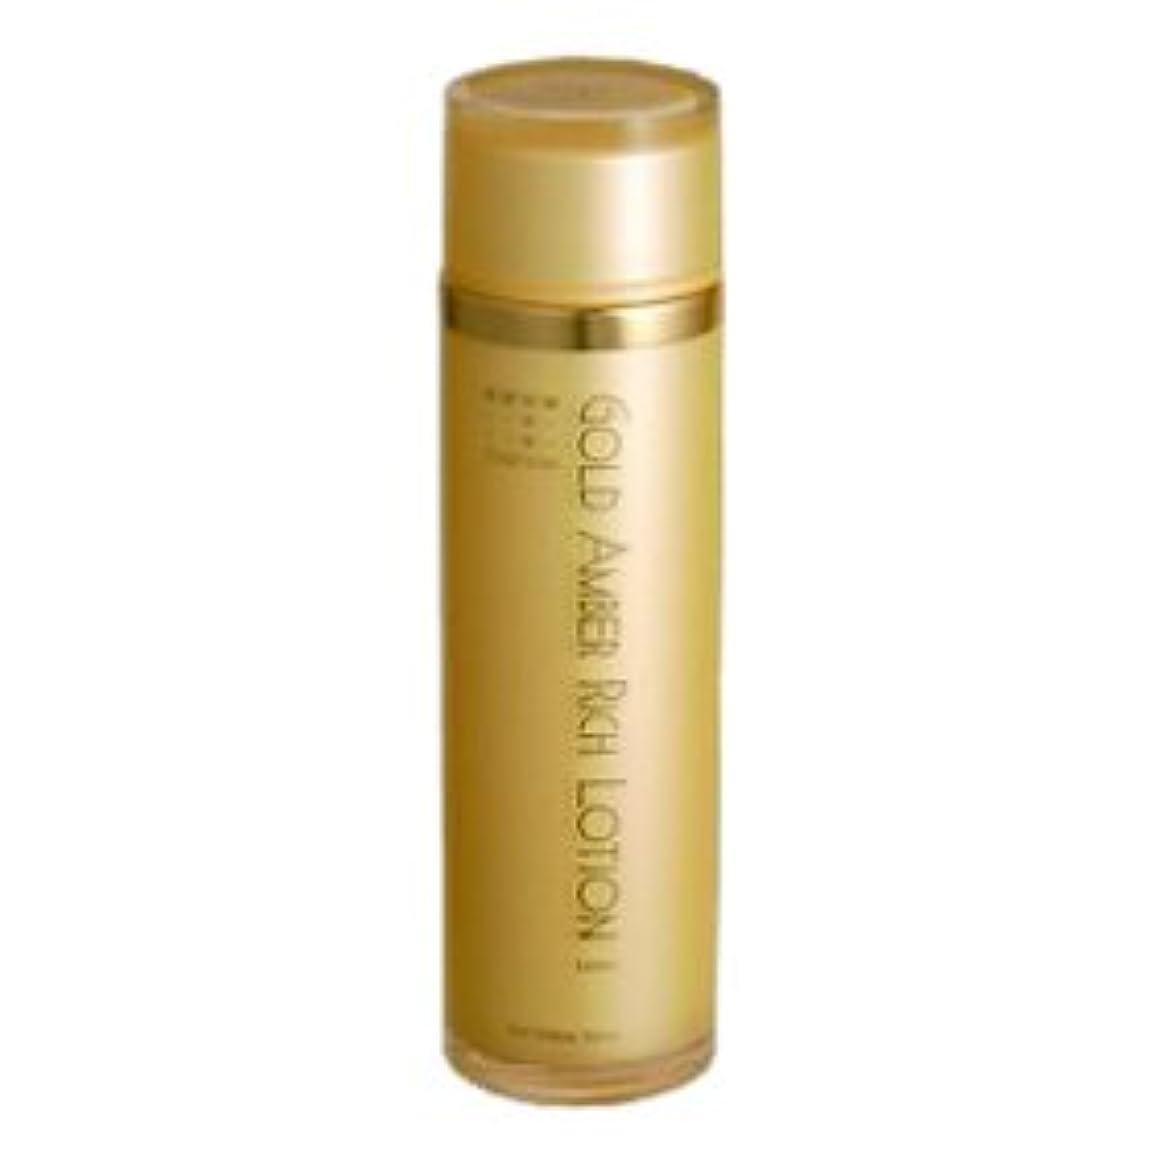 マリンシェーバー頑丈コスメプラウド ゴールドアンバーリッチローション120ml(化粧水)